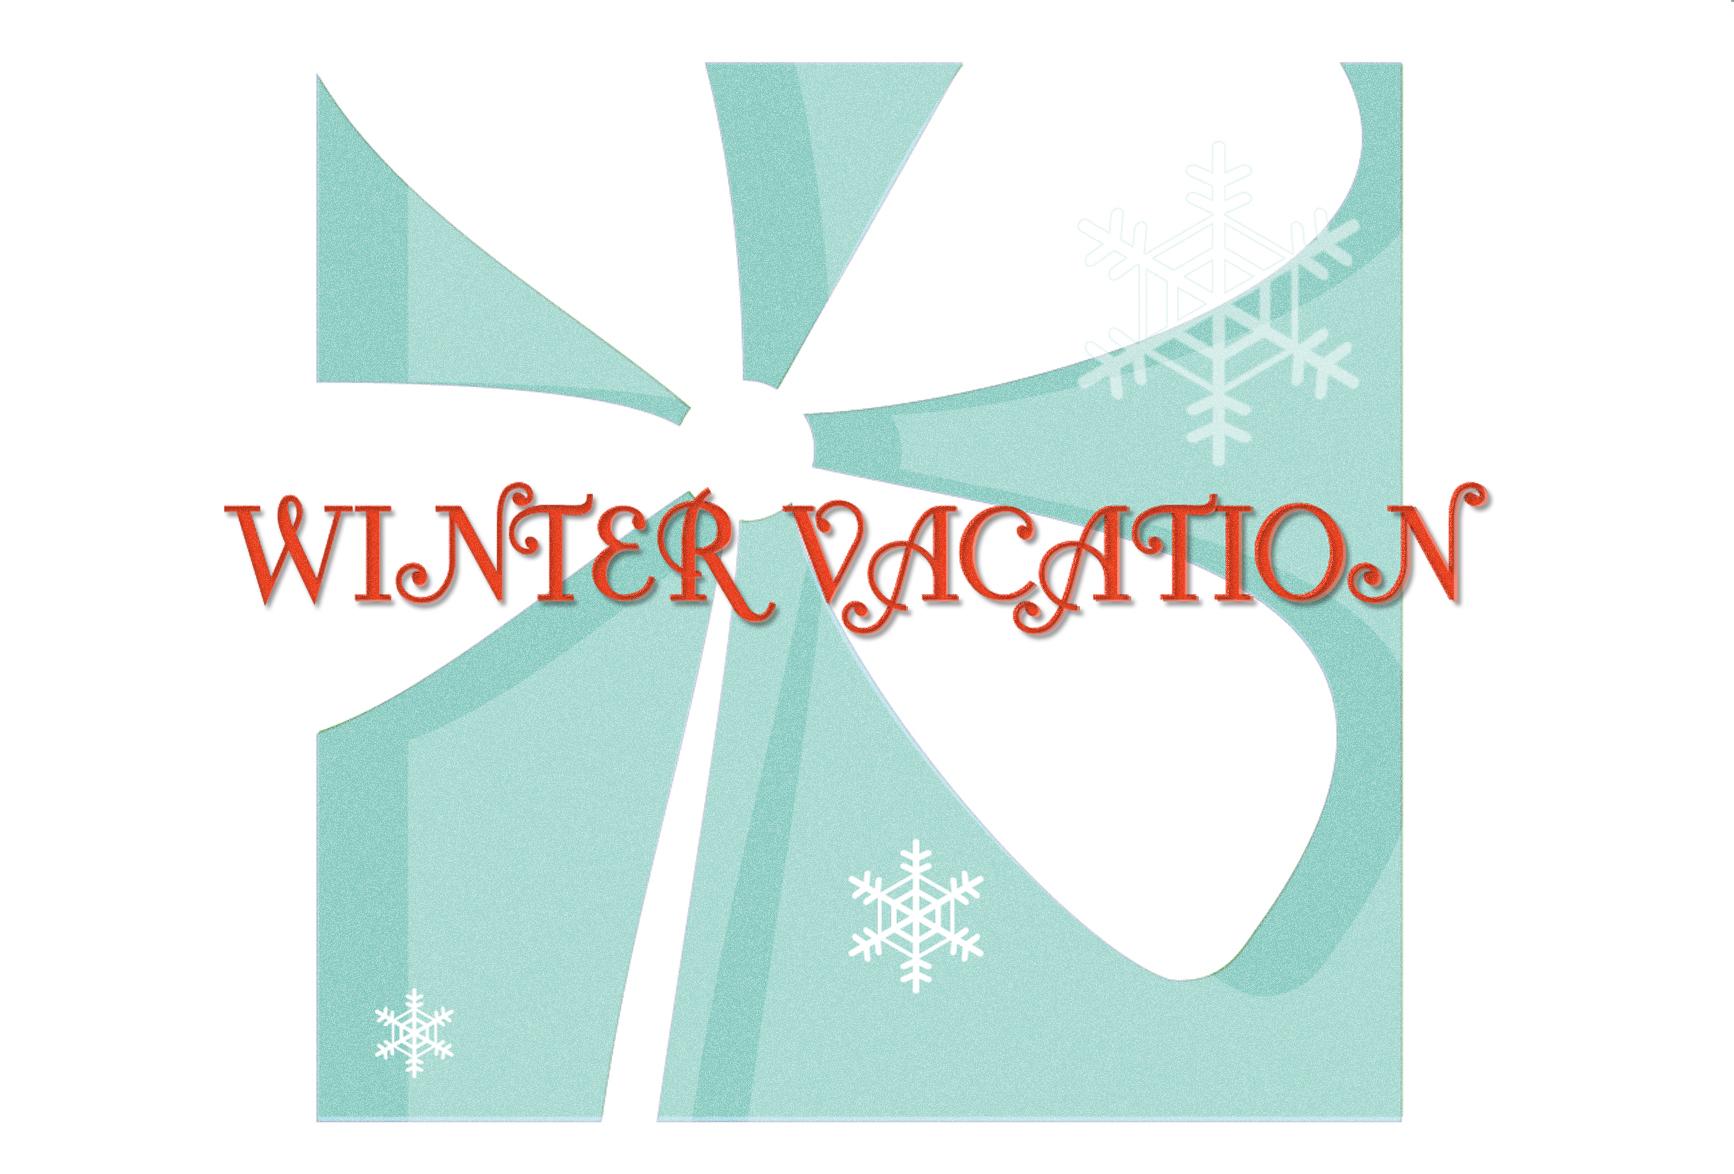 冬期休業のお知らせ:12月28(月)- 1月3日(日)